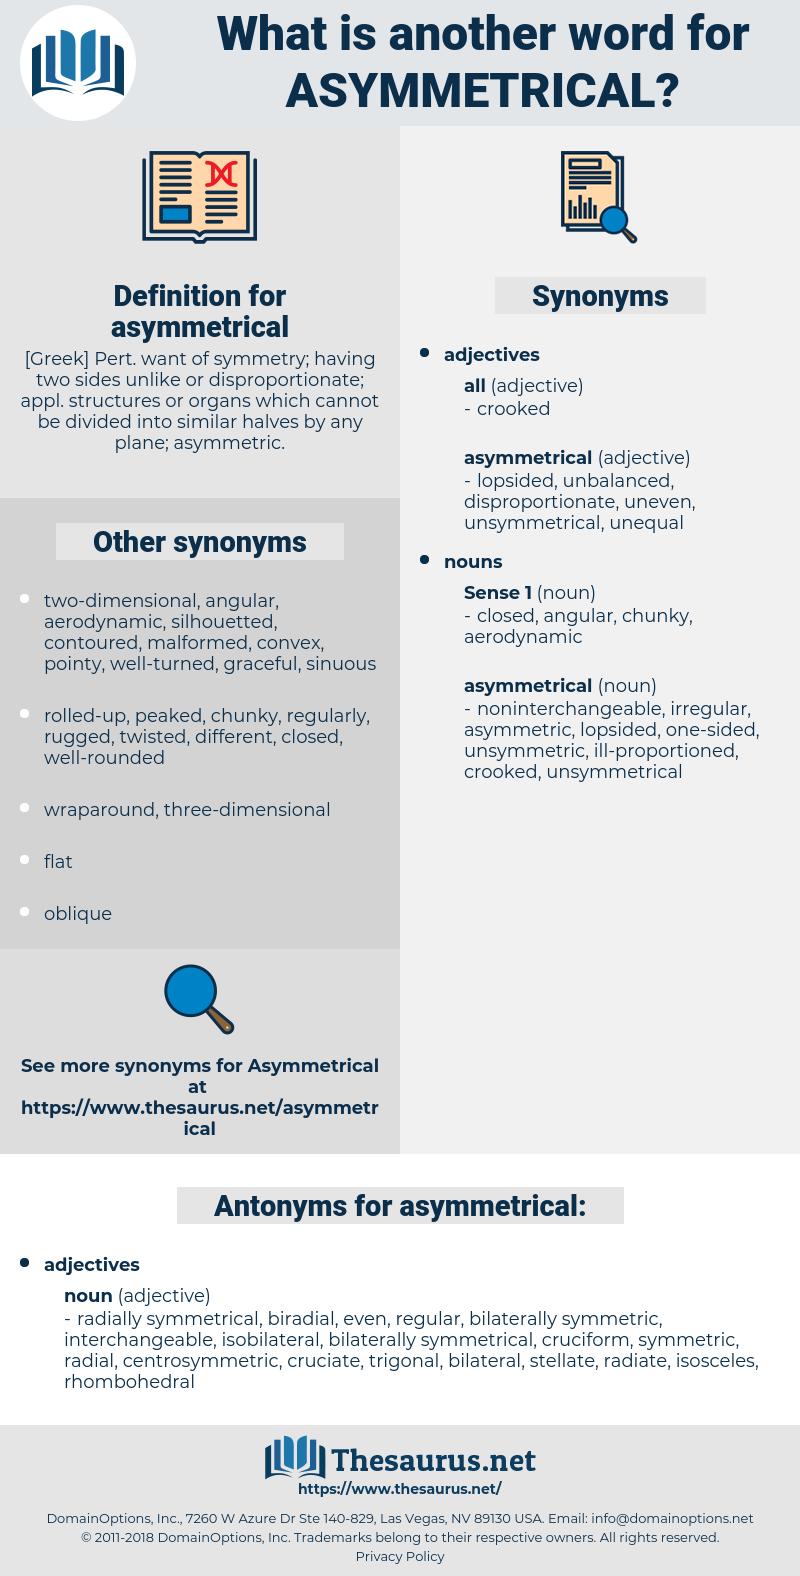 asymmetrical, synonym asymmetrical, another word for asymmetrical, words like asymmetrical, thesaurus asymmetrical